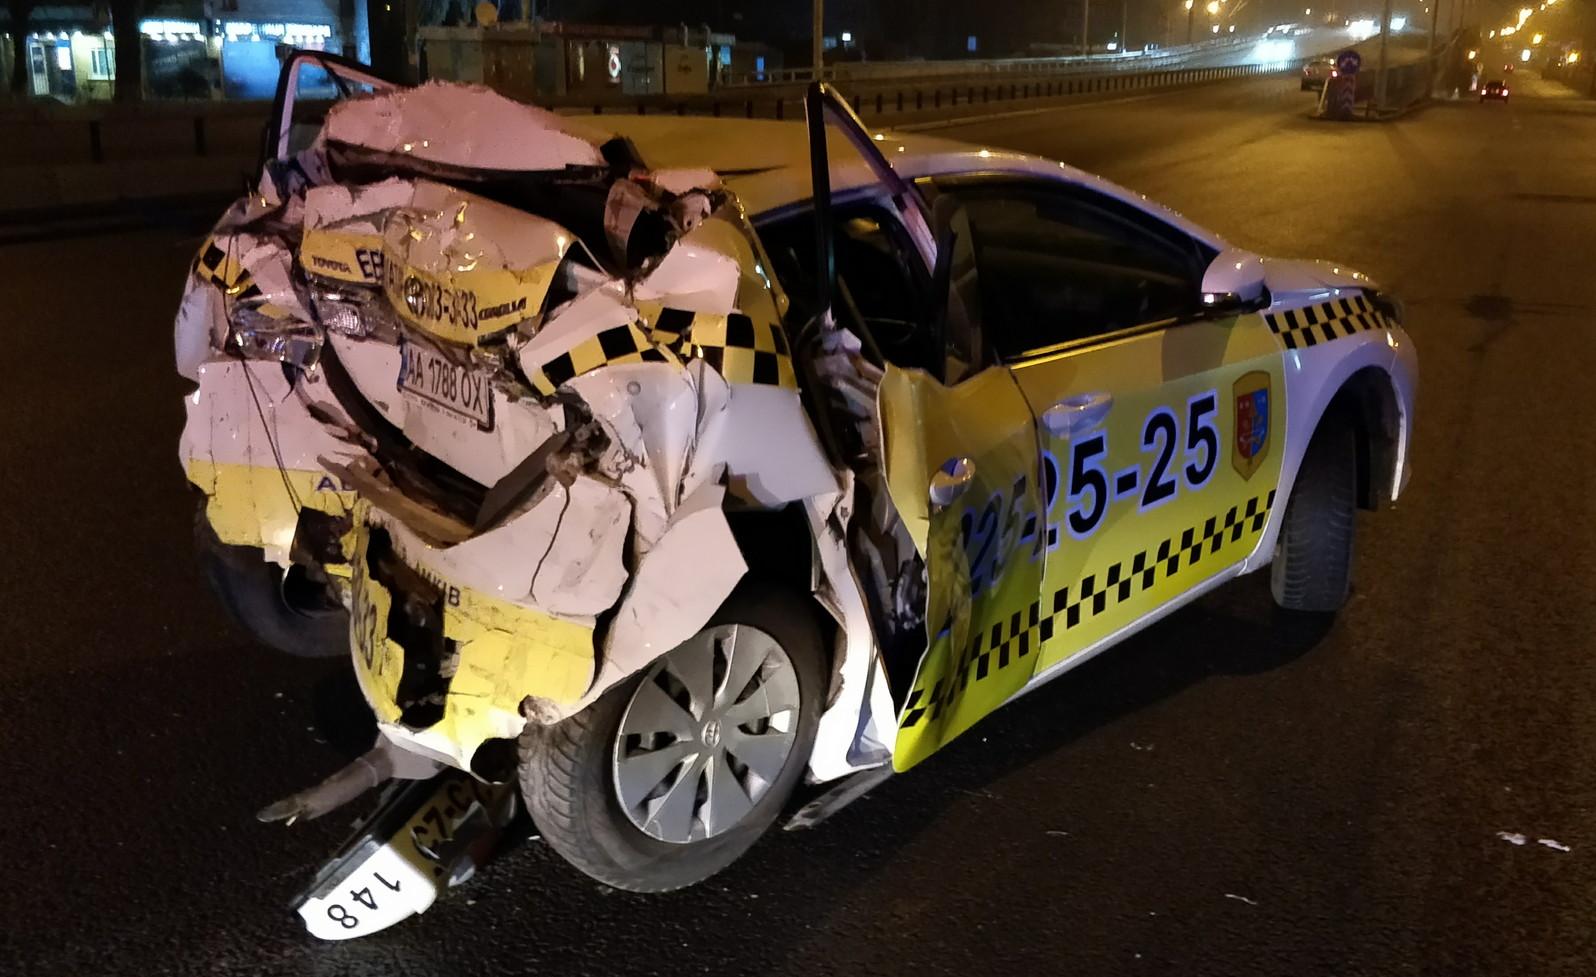 Dronken vrachtwagenchauffeur veroorzaakt ernstig ongeval nadat politie hem laat gaan in Kiev.